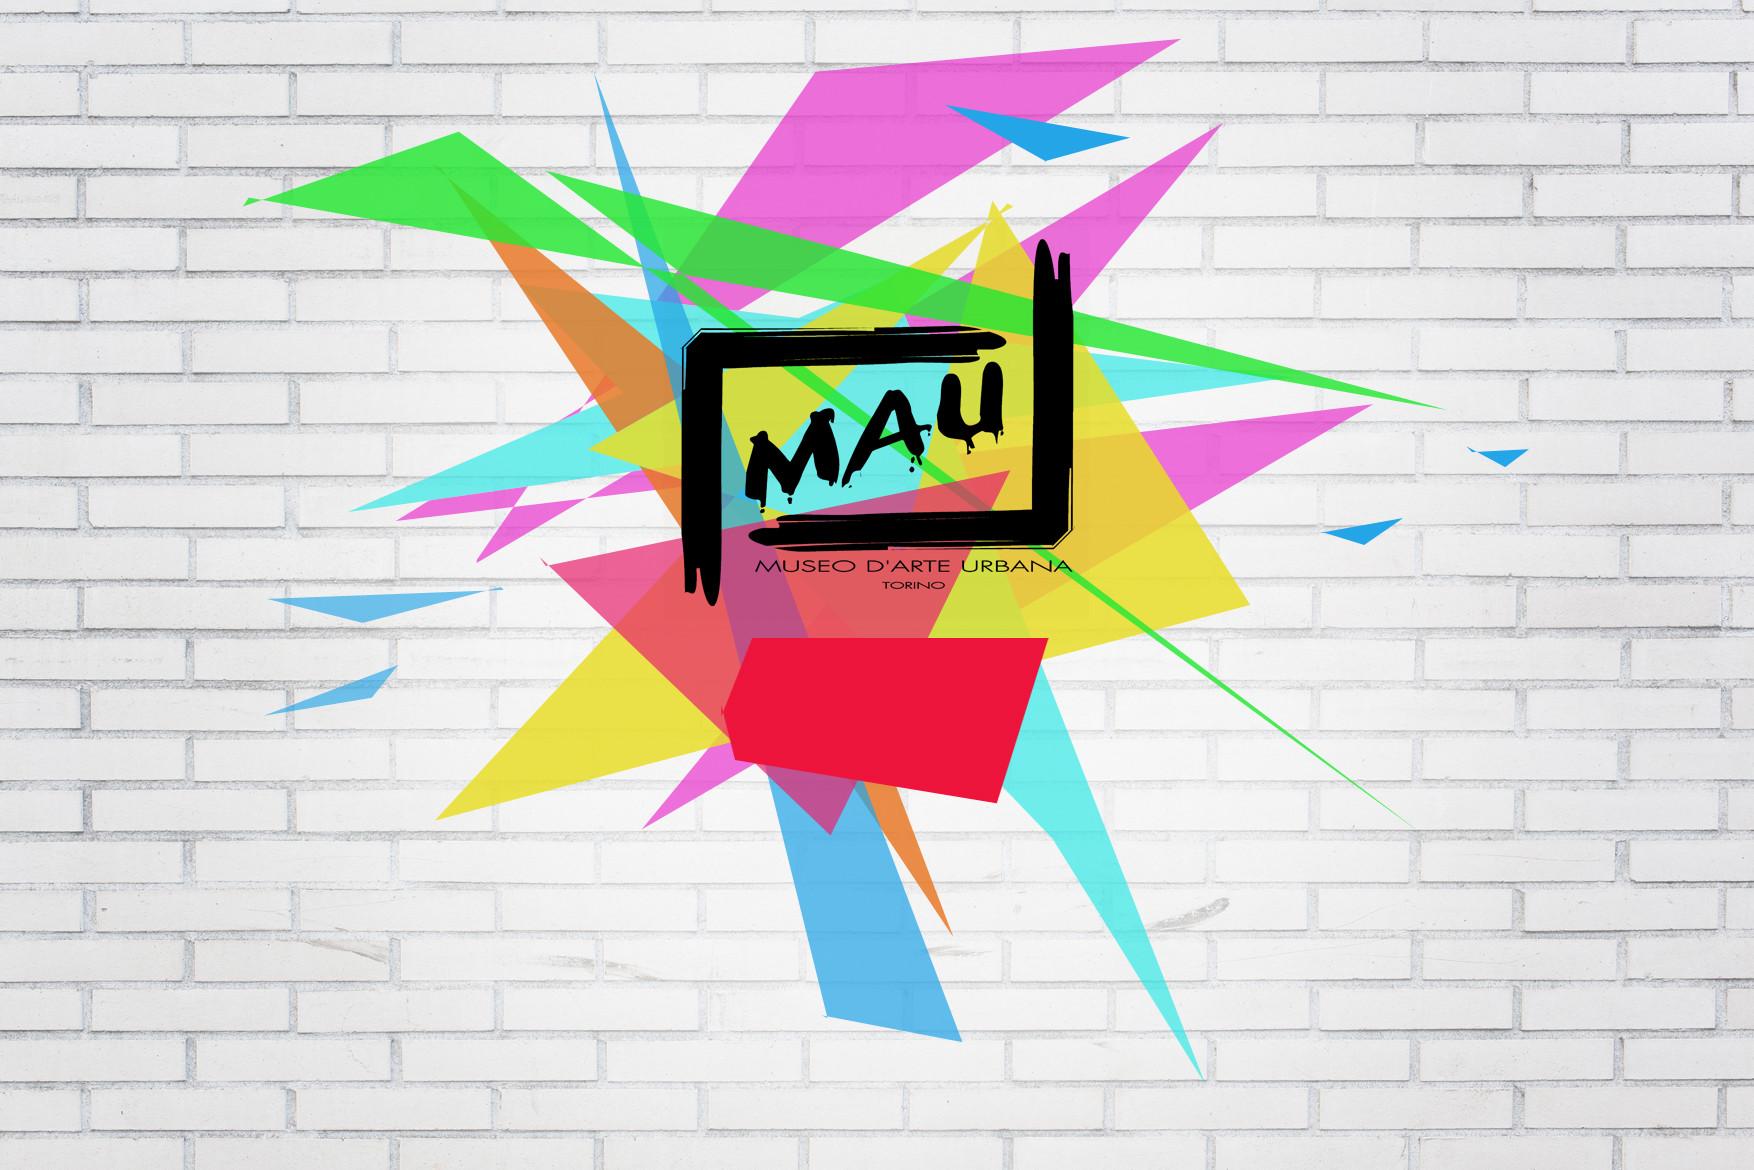 MAU - Museo di Arte Urbana